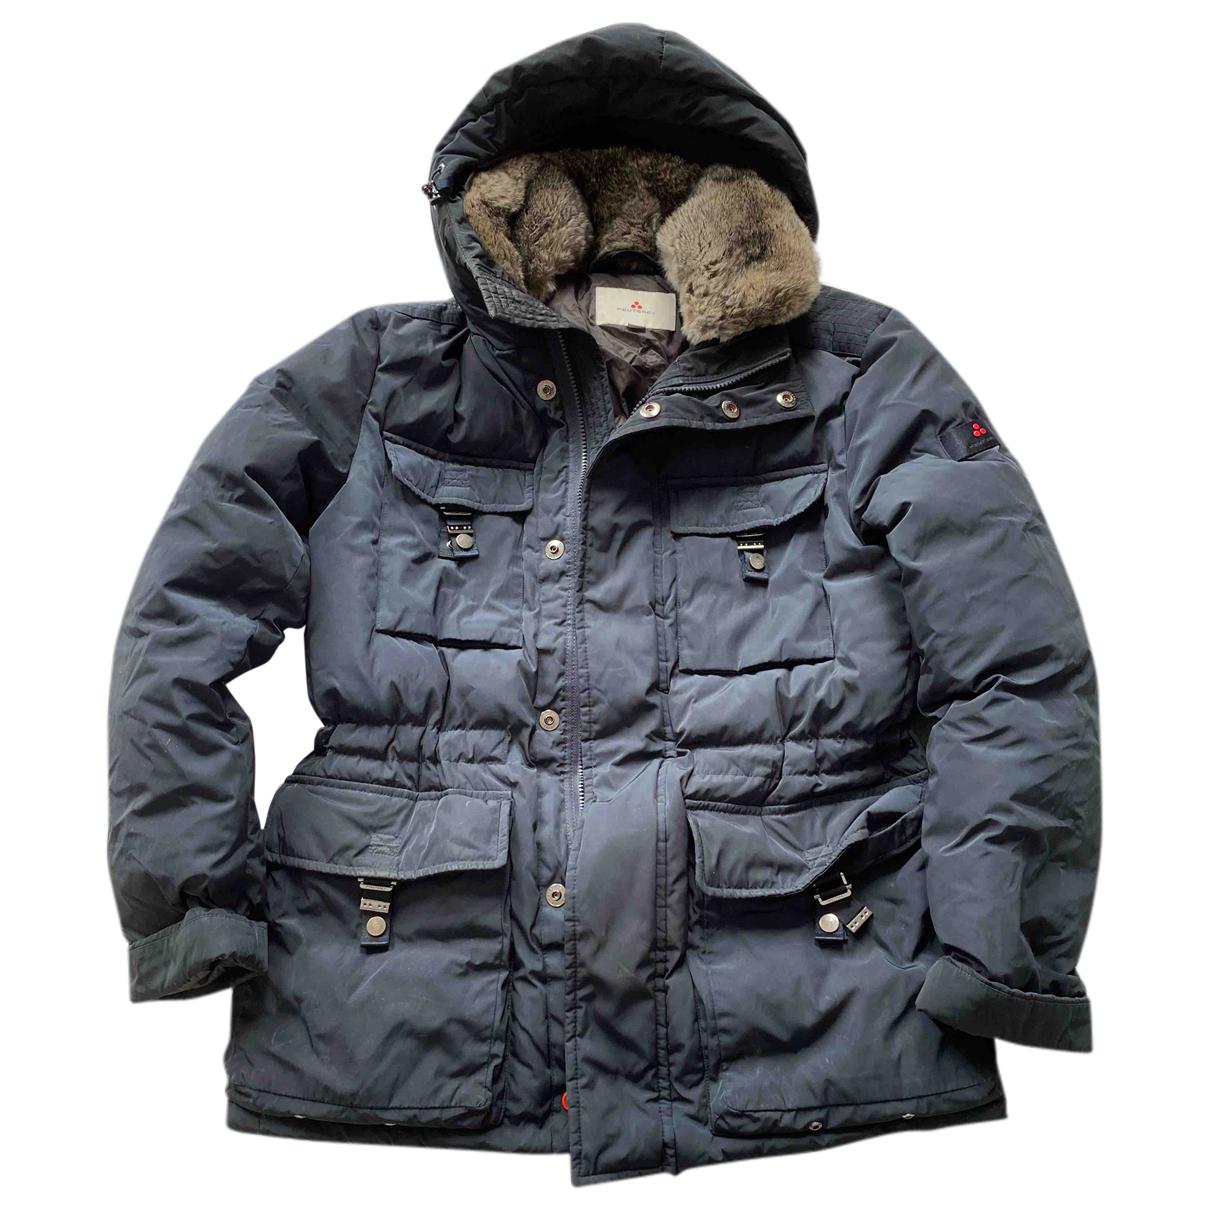 Peuterey \N Blue jacket  for Men L International